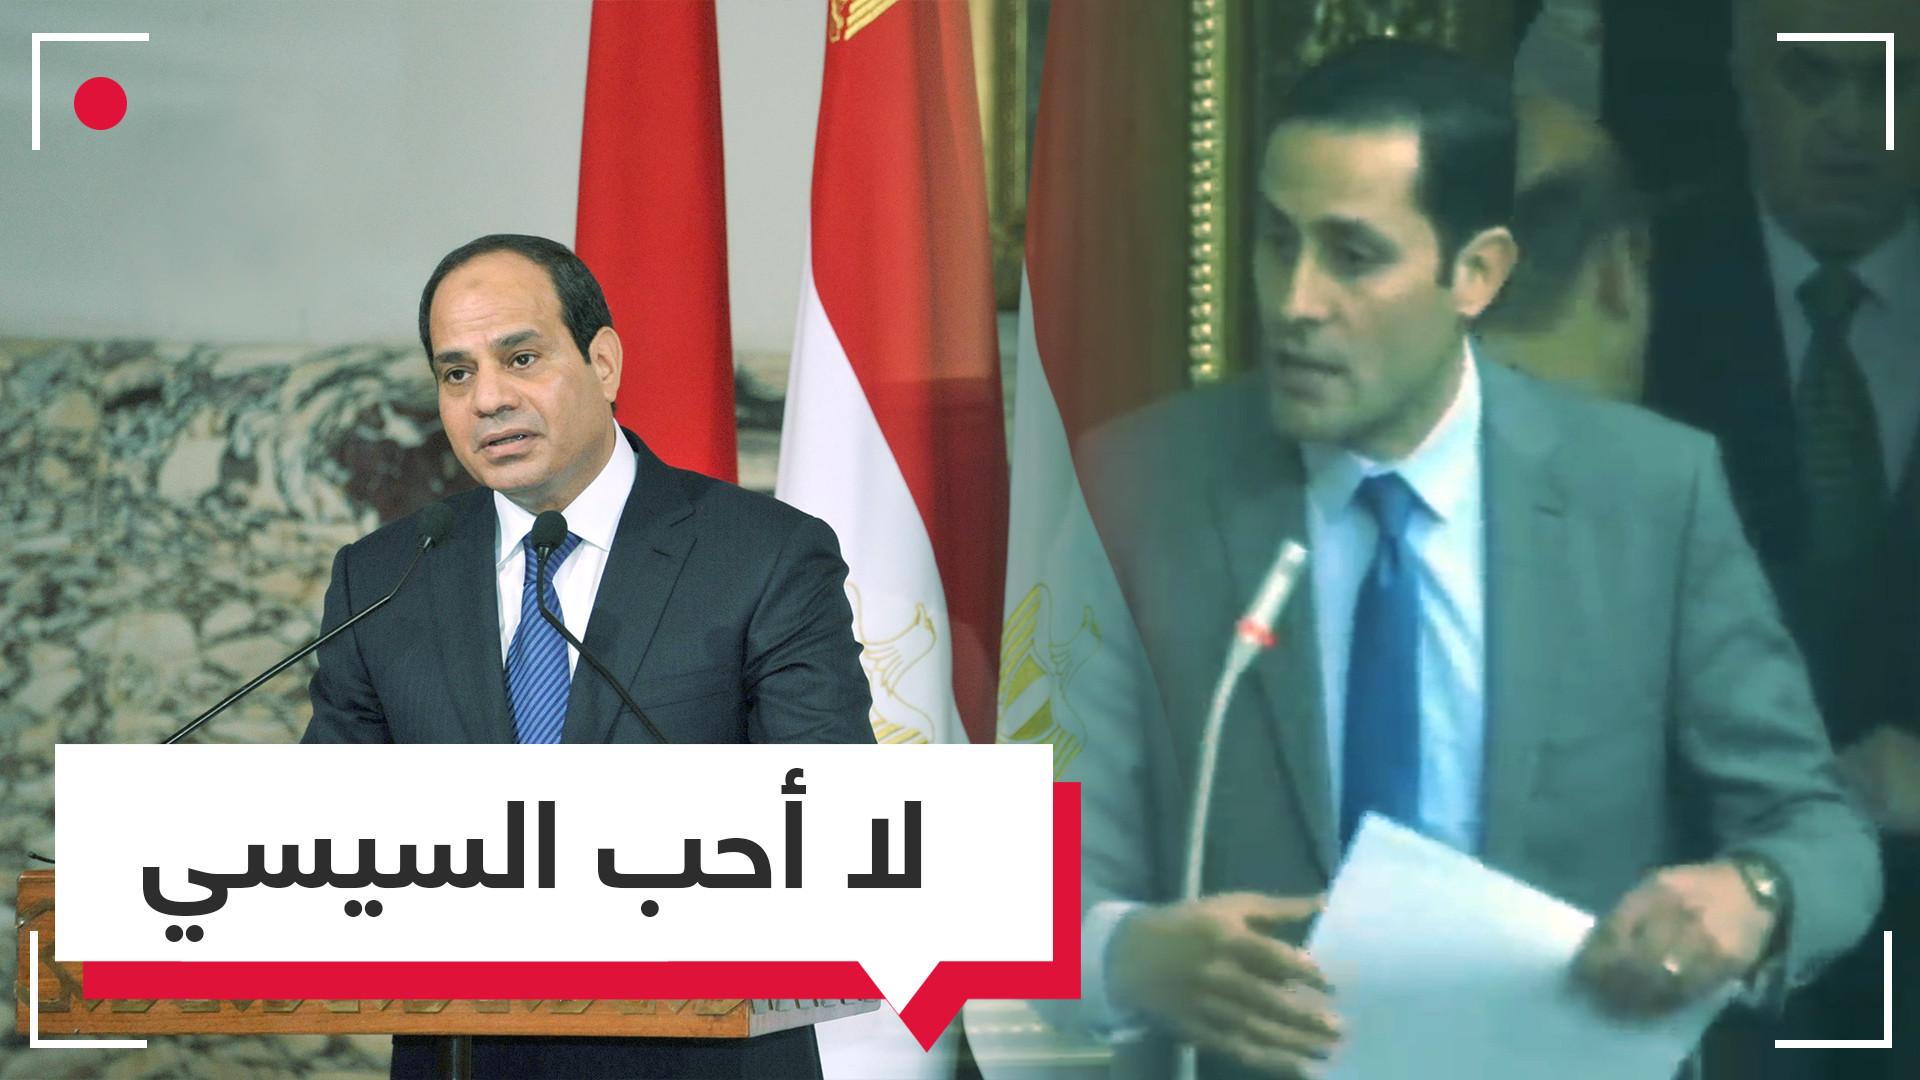 """""""لا أحب السيسي"""".. نائب برلماني مصري ينتقد الرئيس خلال مناقشة التعديلات الدستورية"""